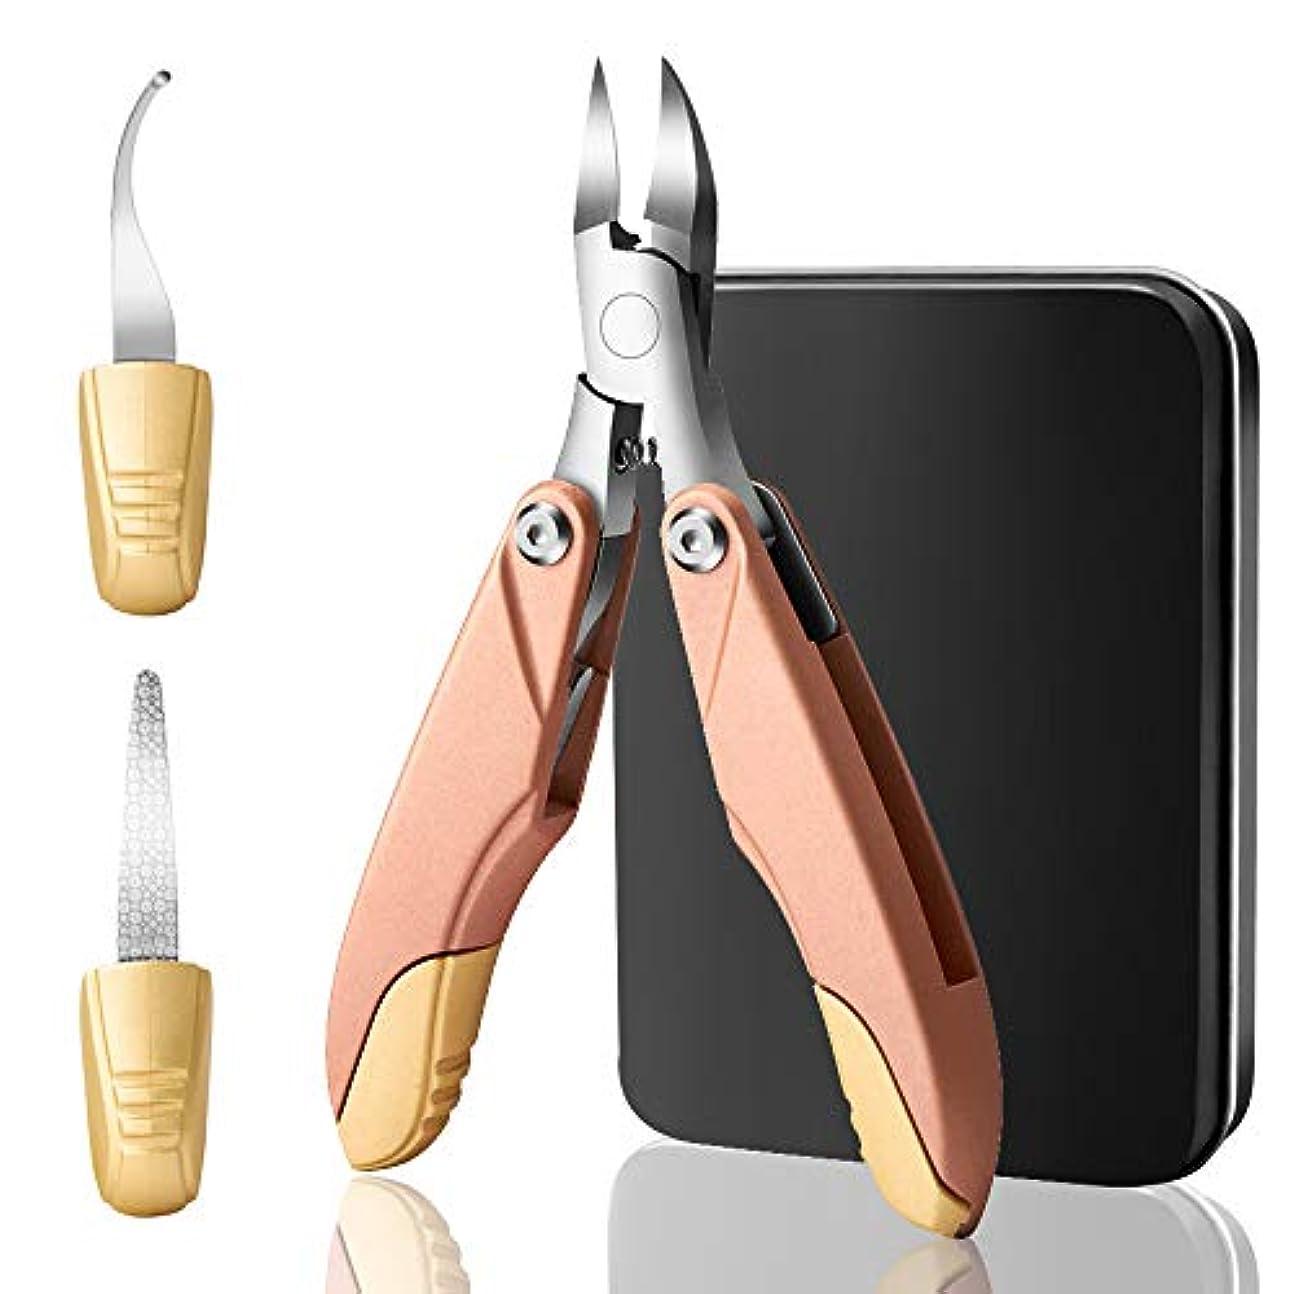 売るロシア伝えるYunTech 爪切り3in1 ニッパー爪切り ステンレス製 折り畳み式 巻き爪 硬い爪などにも対応 ゾンデ/爪やすり付き 手足兼用 収納ケース付き (ローズゴールド)